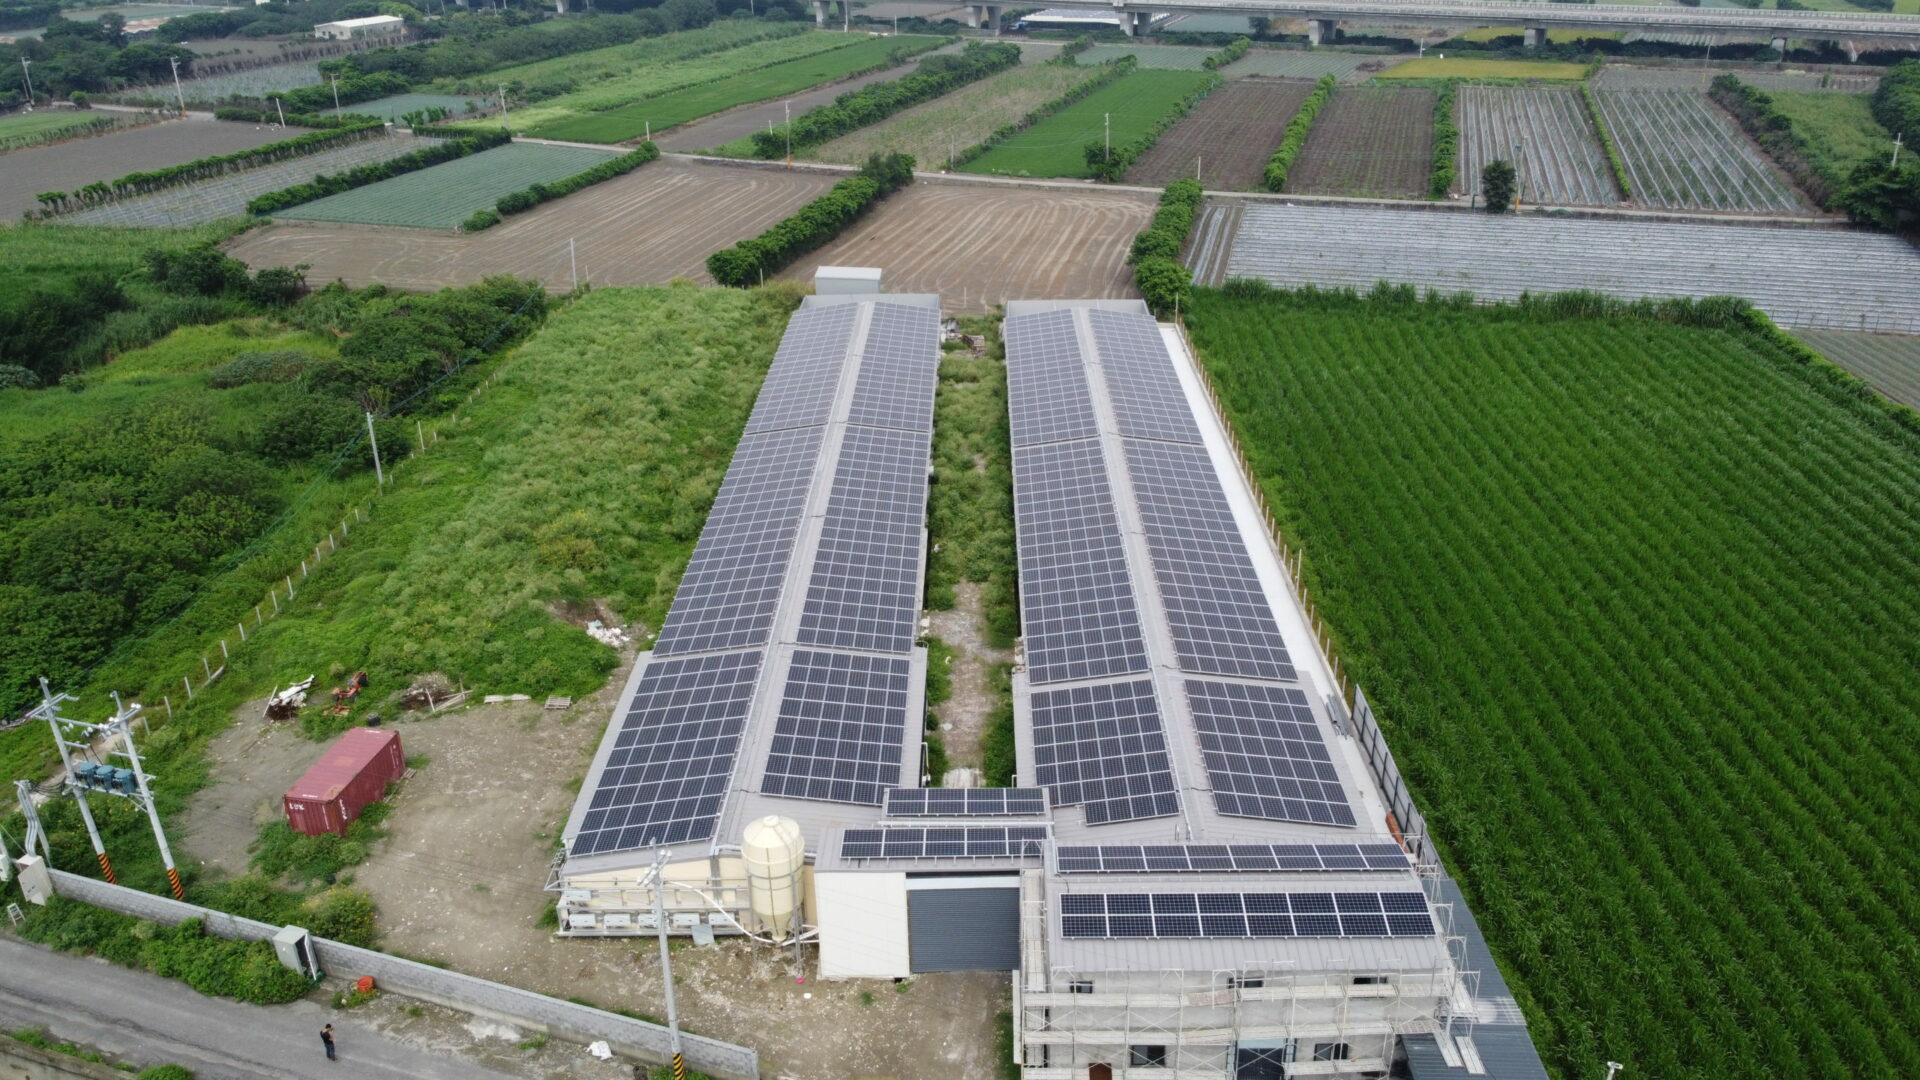 太陽能發電|太陽能板安裝|彰化縣芳苑鄉 378KW